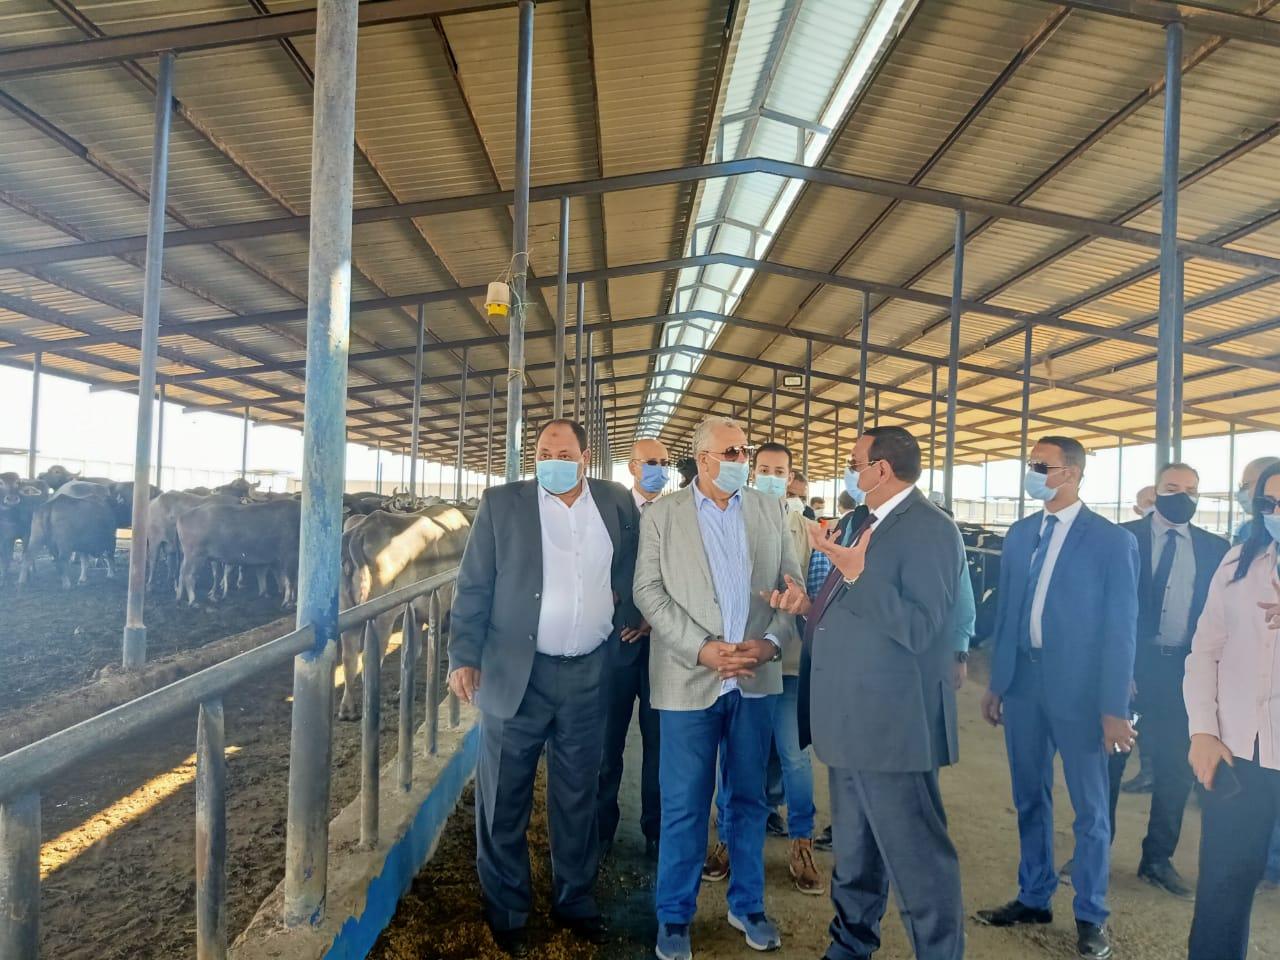 تفاصيل جولة وزير الزراعة لتفقد مشروعات غرب النوبارية